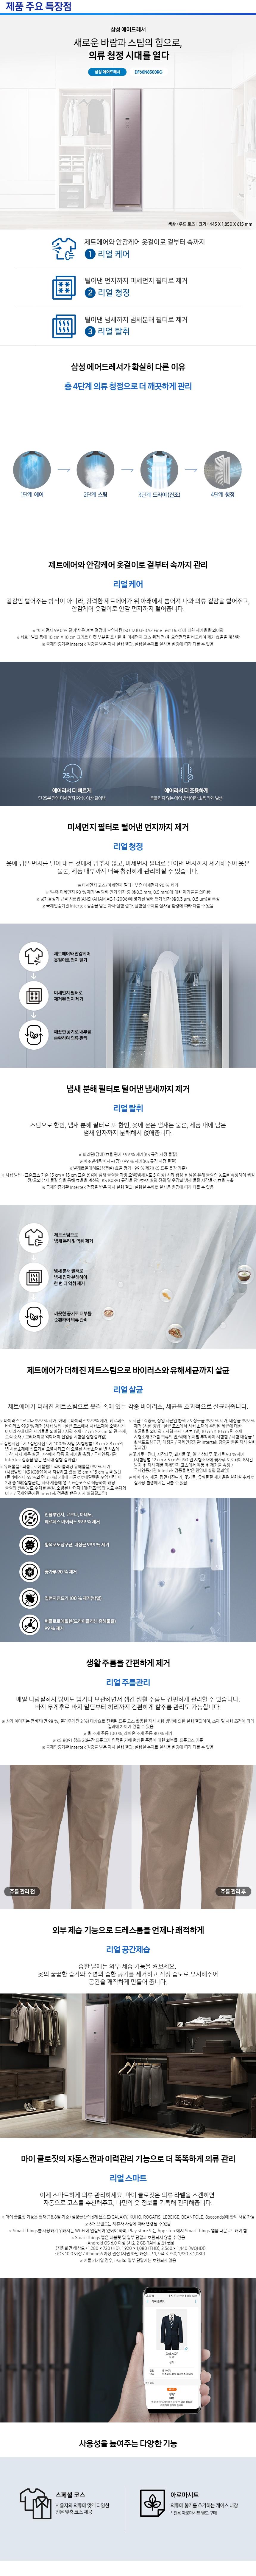 제품주요특장점_제품상세스펙